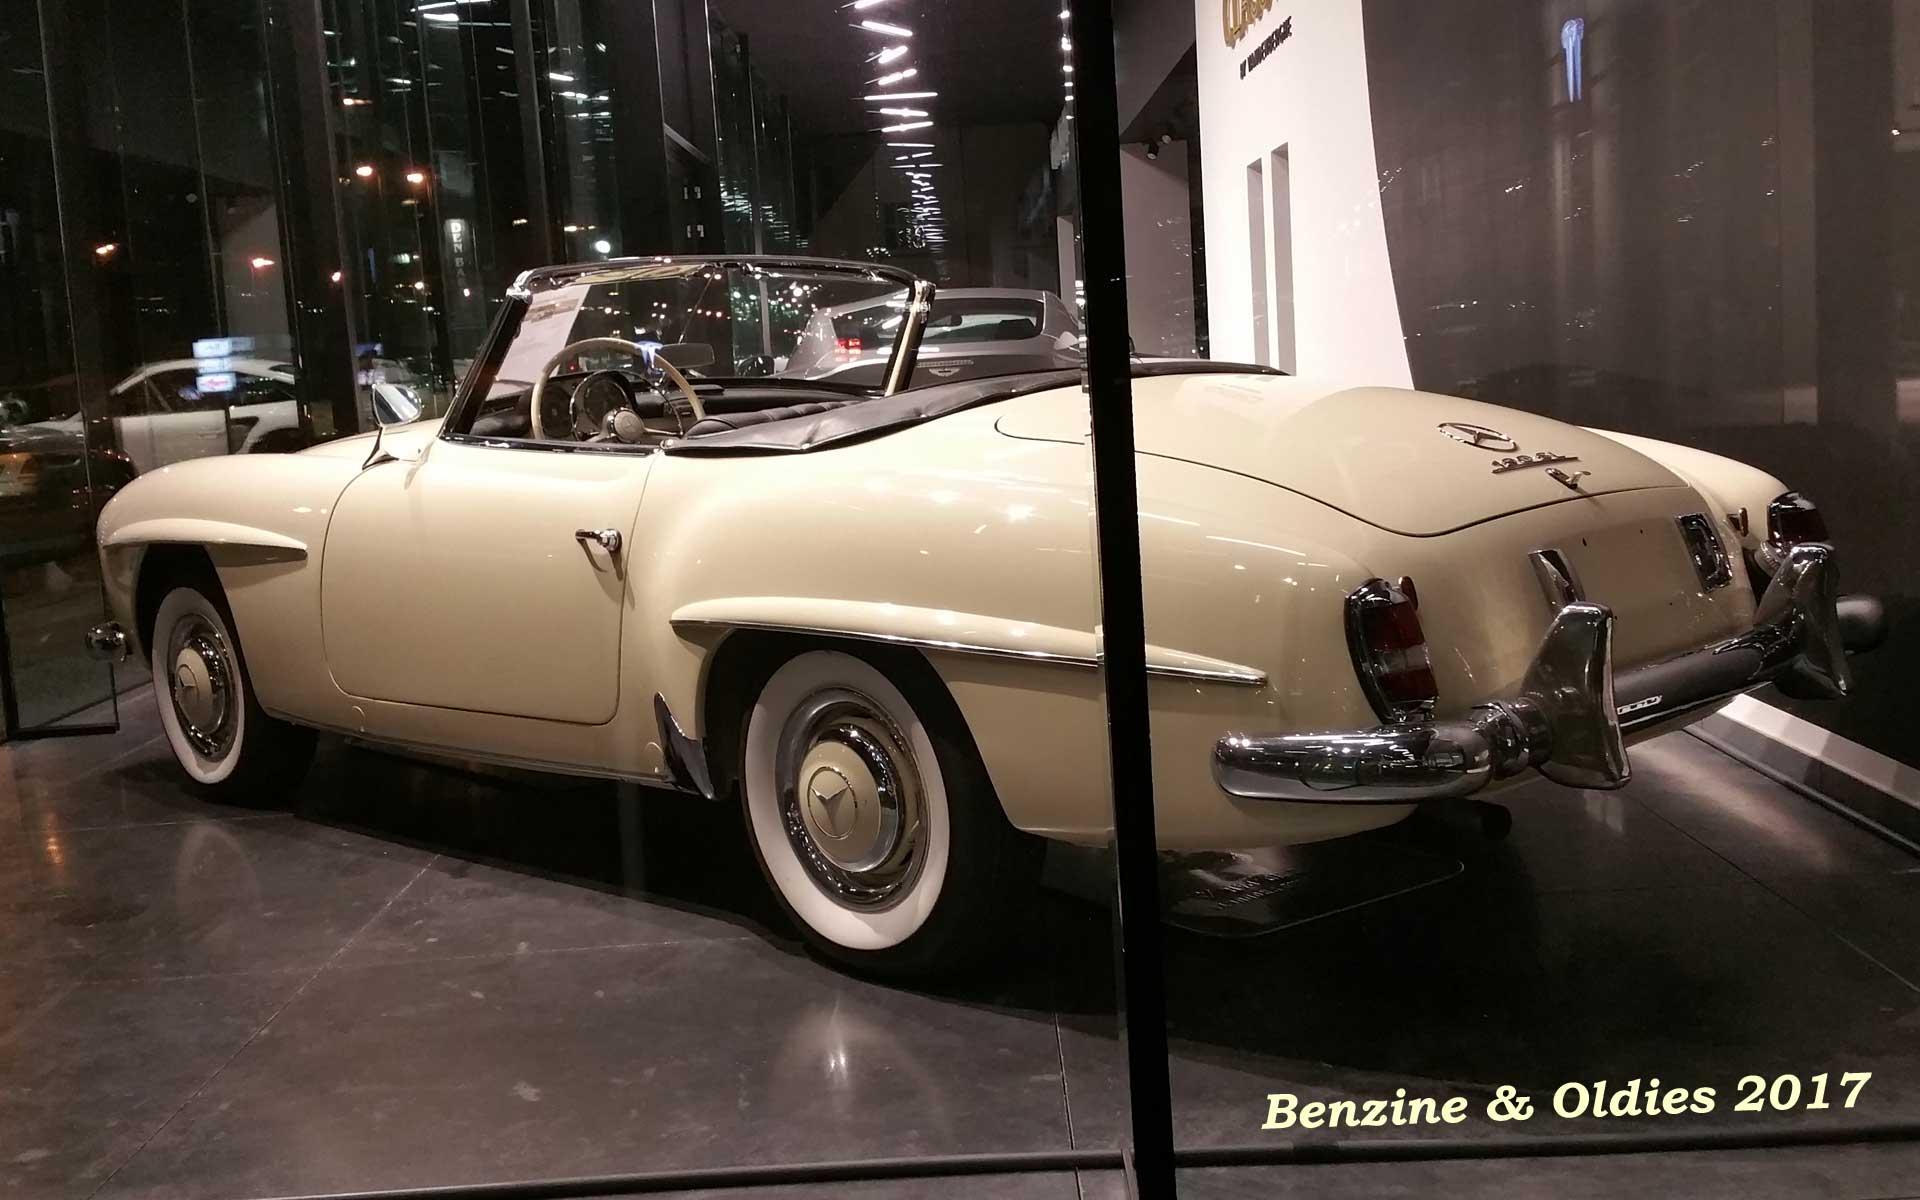 Une Mercedes-Benz 190 SL - w121 b2 - à vendre chez Vandenberghe à Sint-Martens-Latem (Belgique) Mb_w121b2_190_sl_street_170321_06_w1920